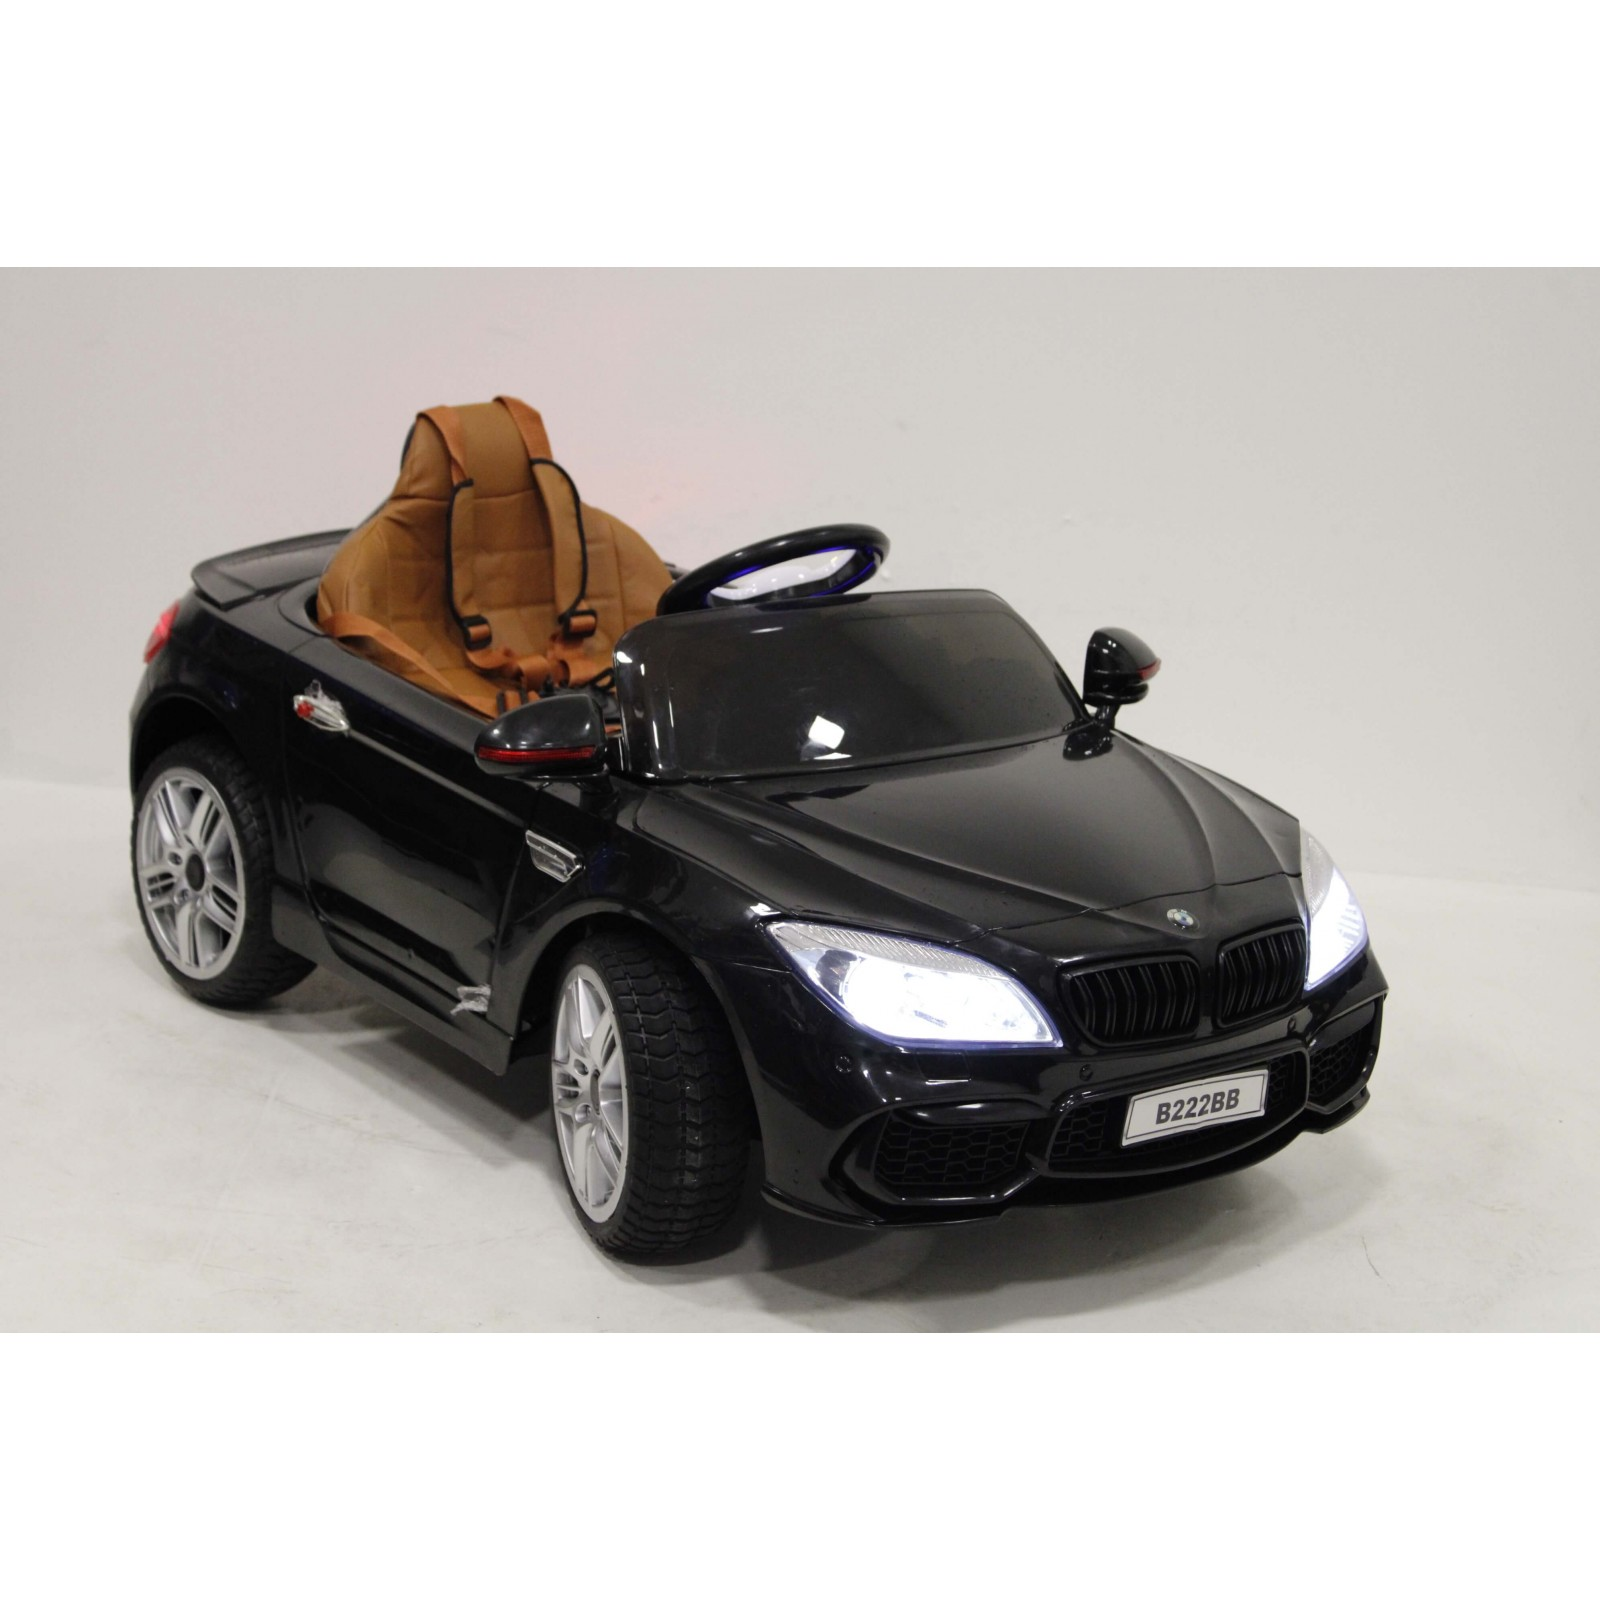 Детский электромобиль BMW (В222ВВ)